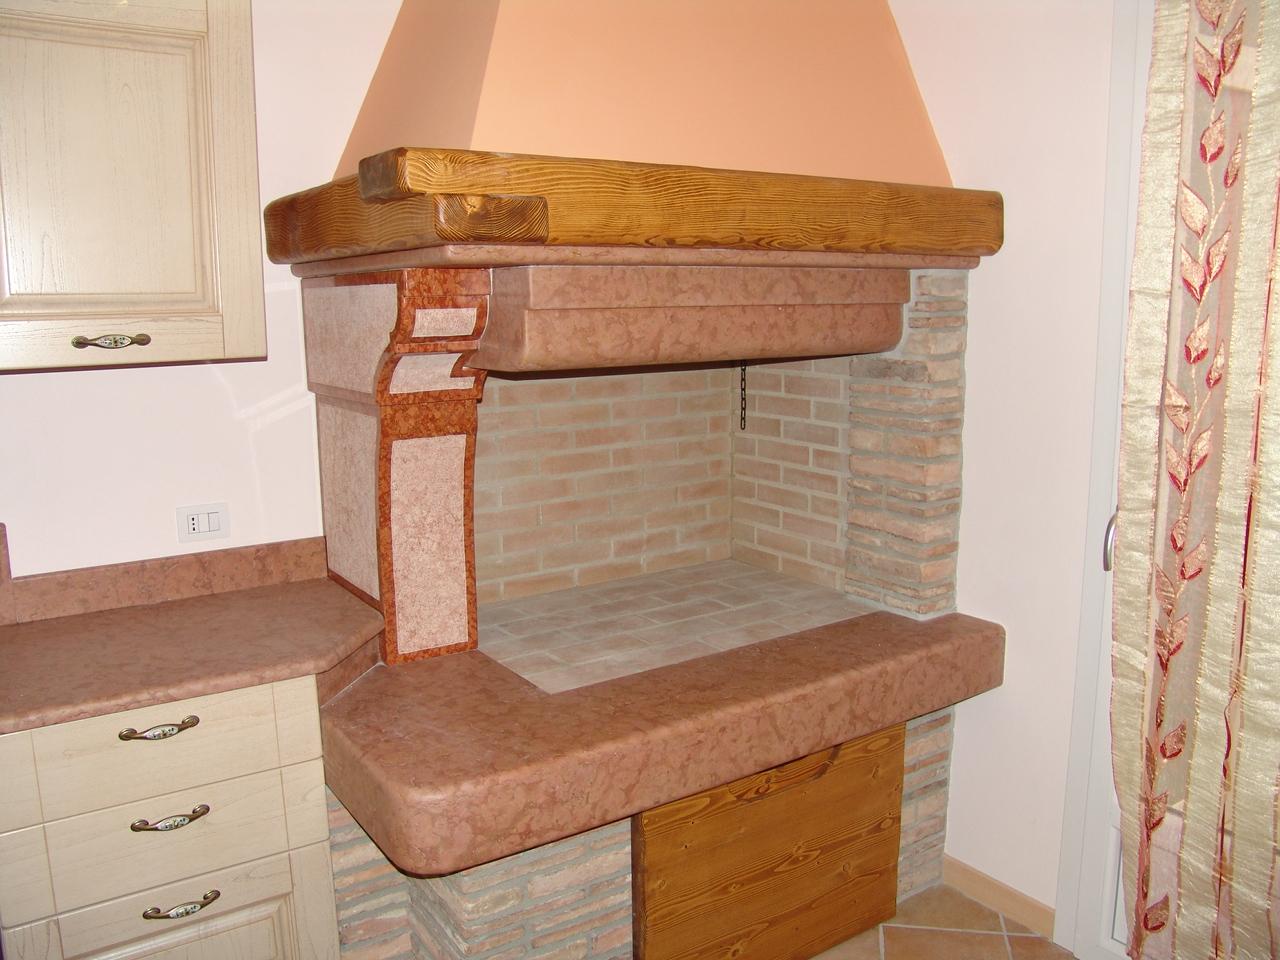 Applique per specchio bagno classico - Camino in cucina ...